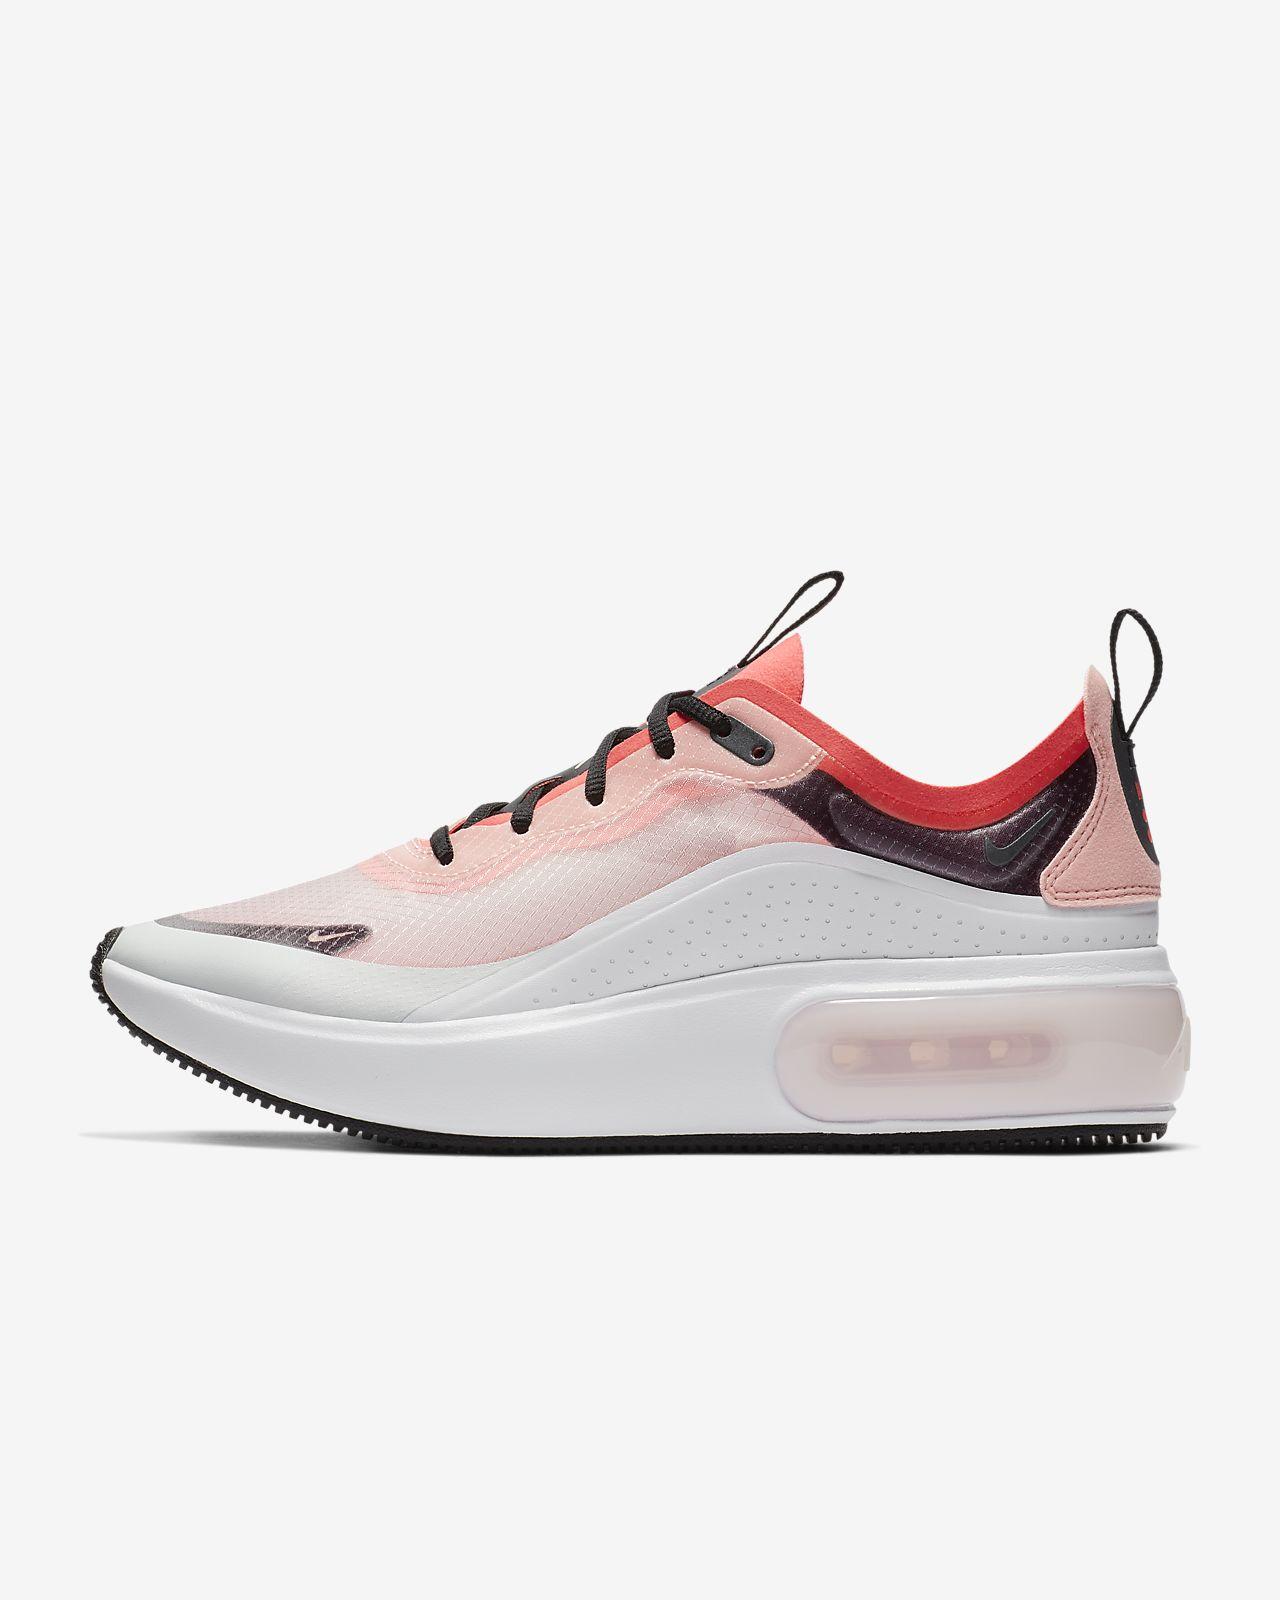 check out 0ac38 0b92d ... Calzado para mujer Nike Air Max Dia SE QS